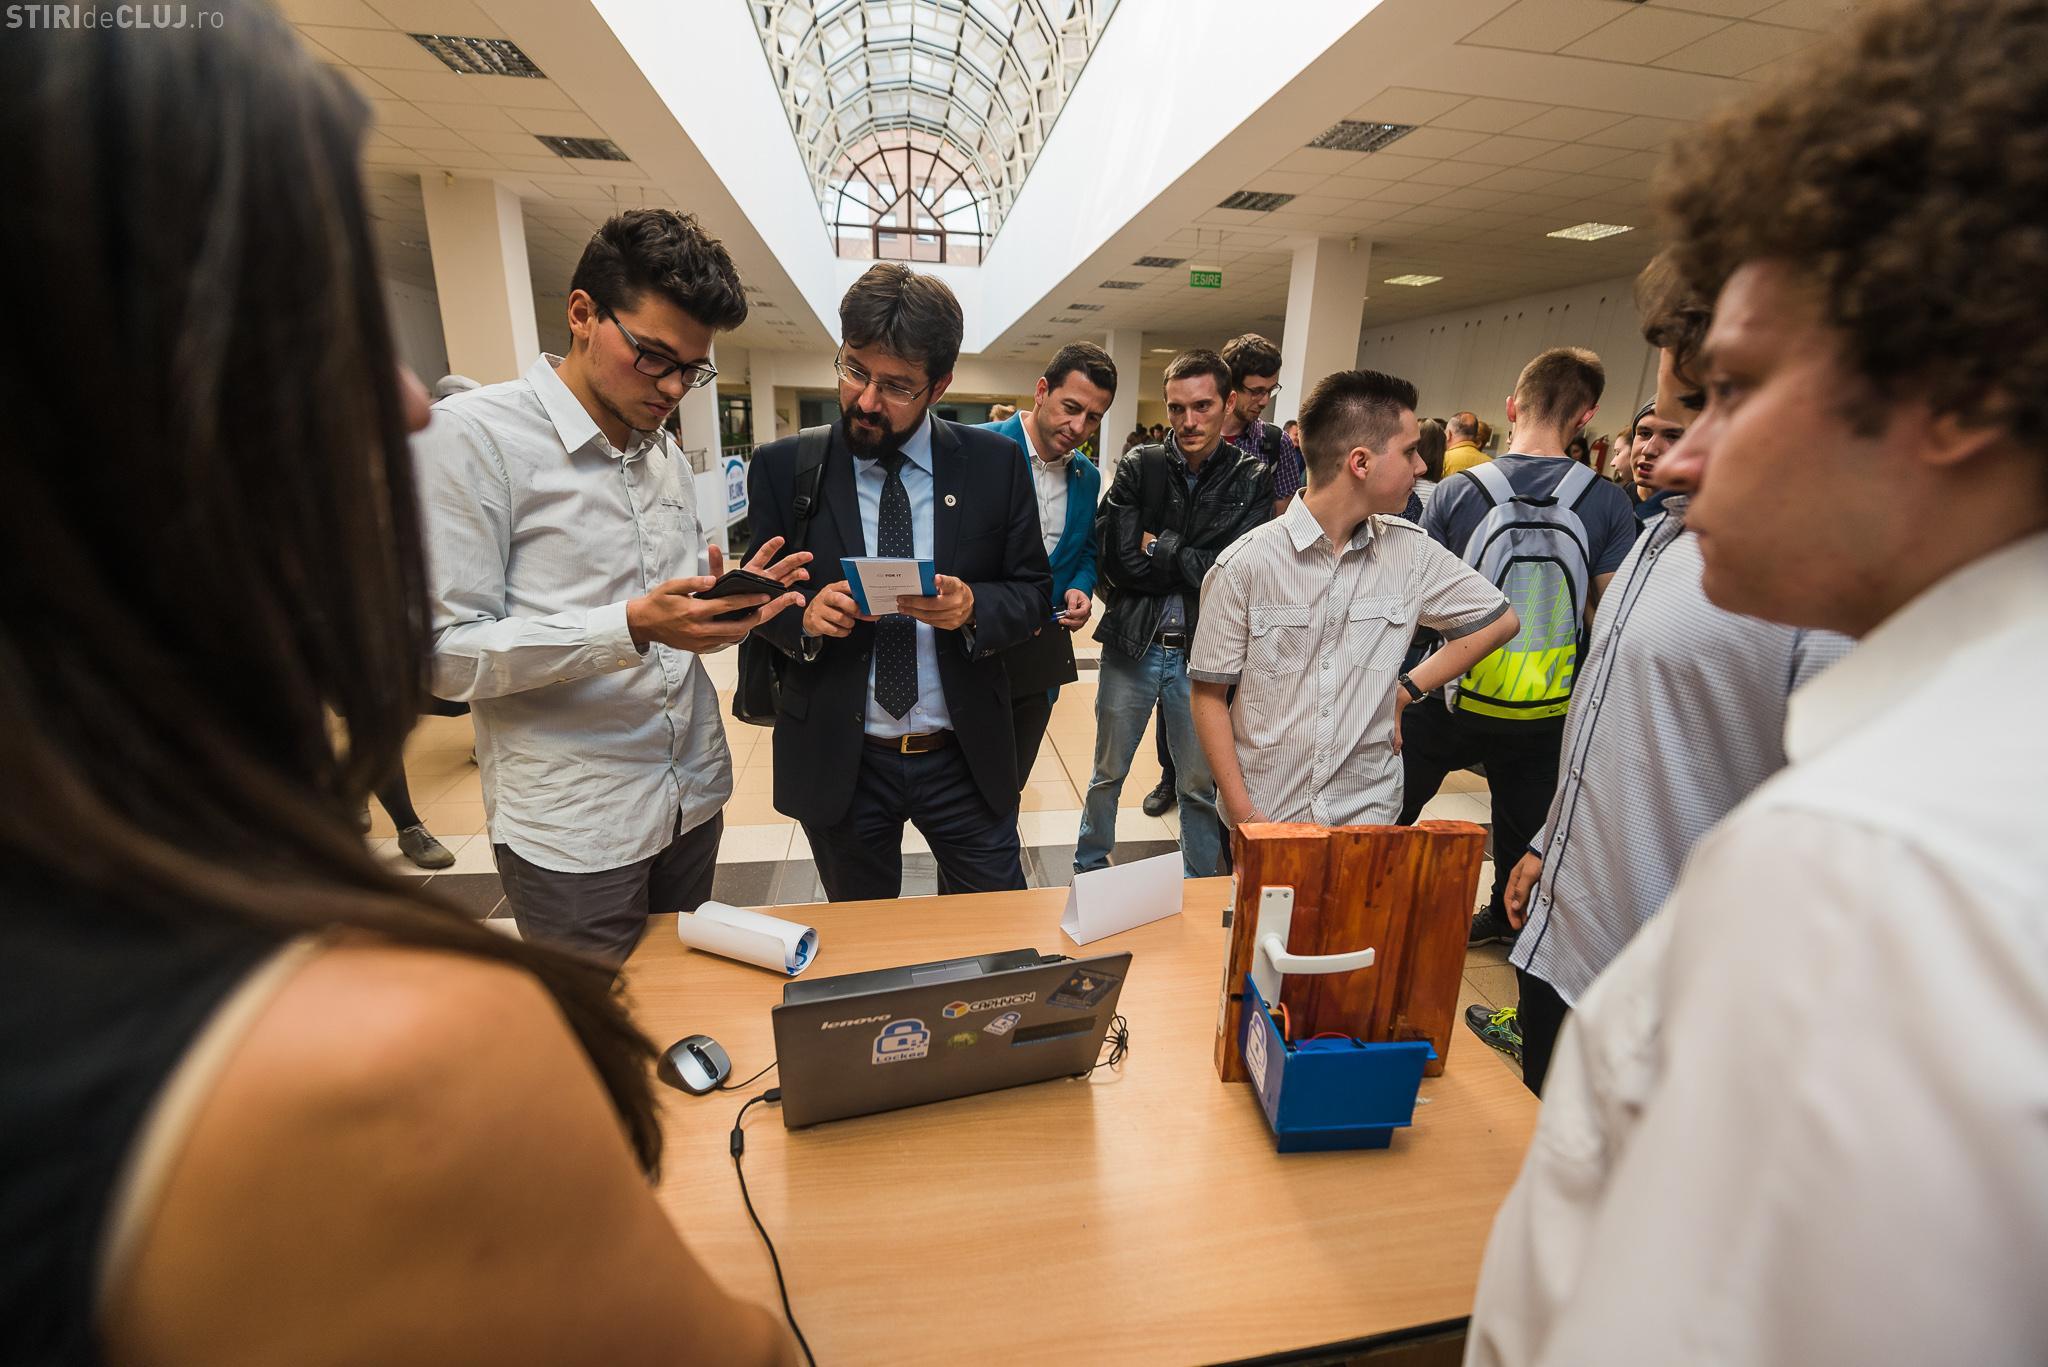 Elevi clujeni PREMIAȚI pentru că au creat o aplicație care deschide ușa: Nu mai ai nevoie de chei